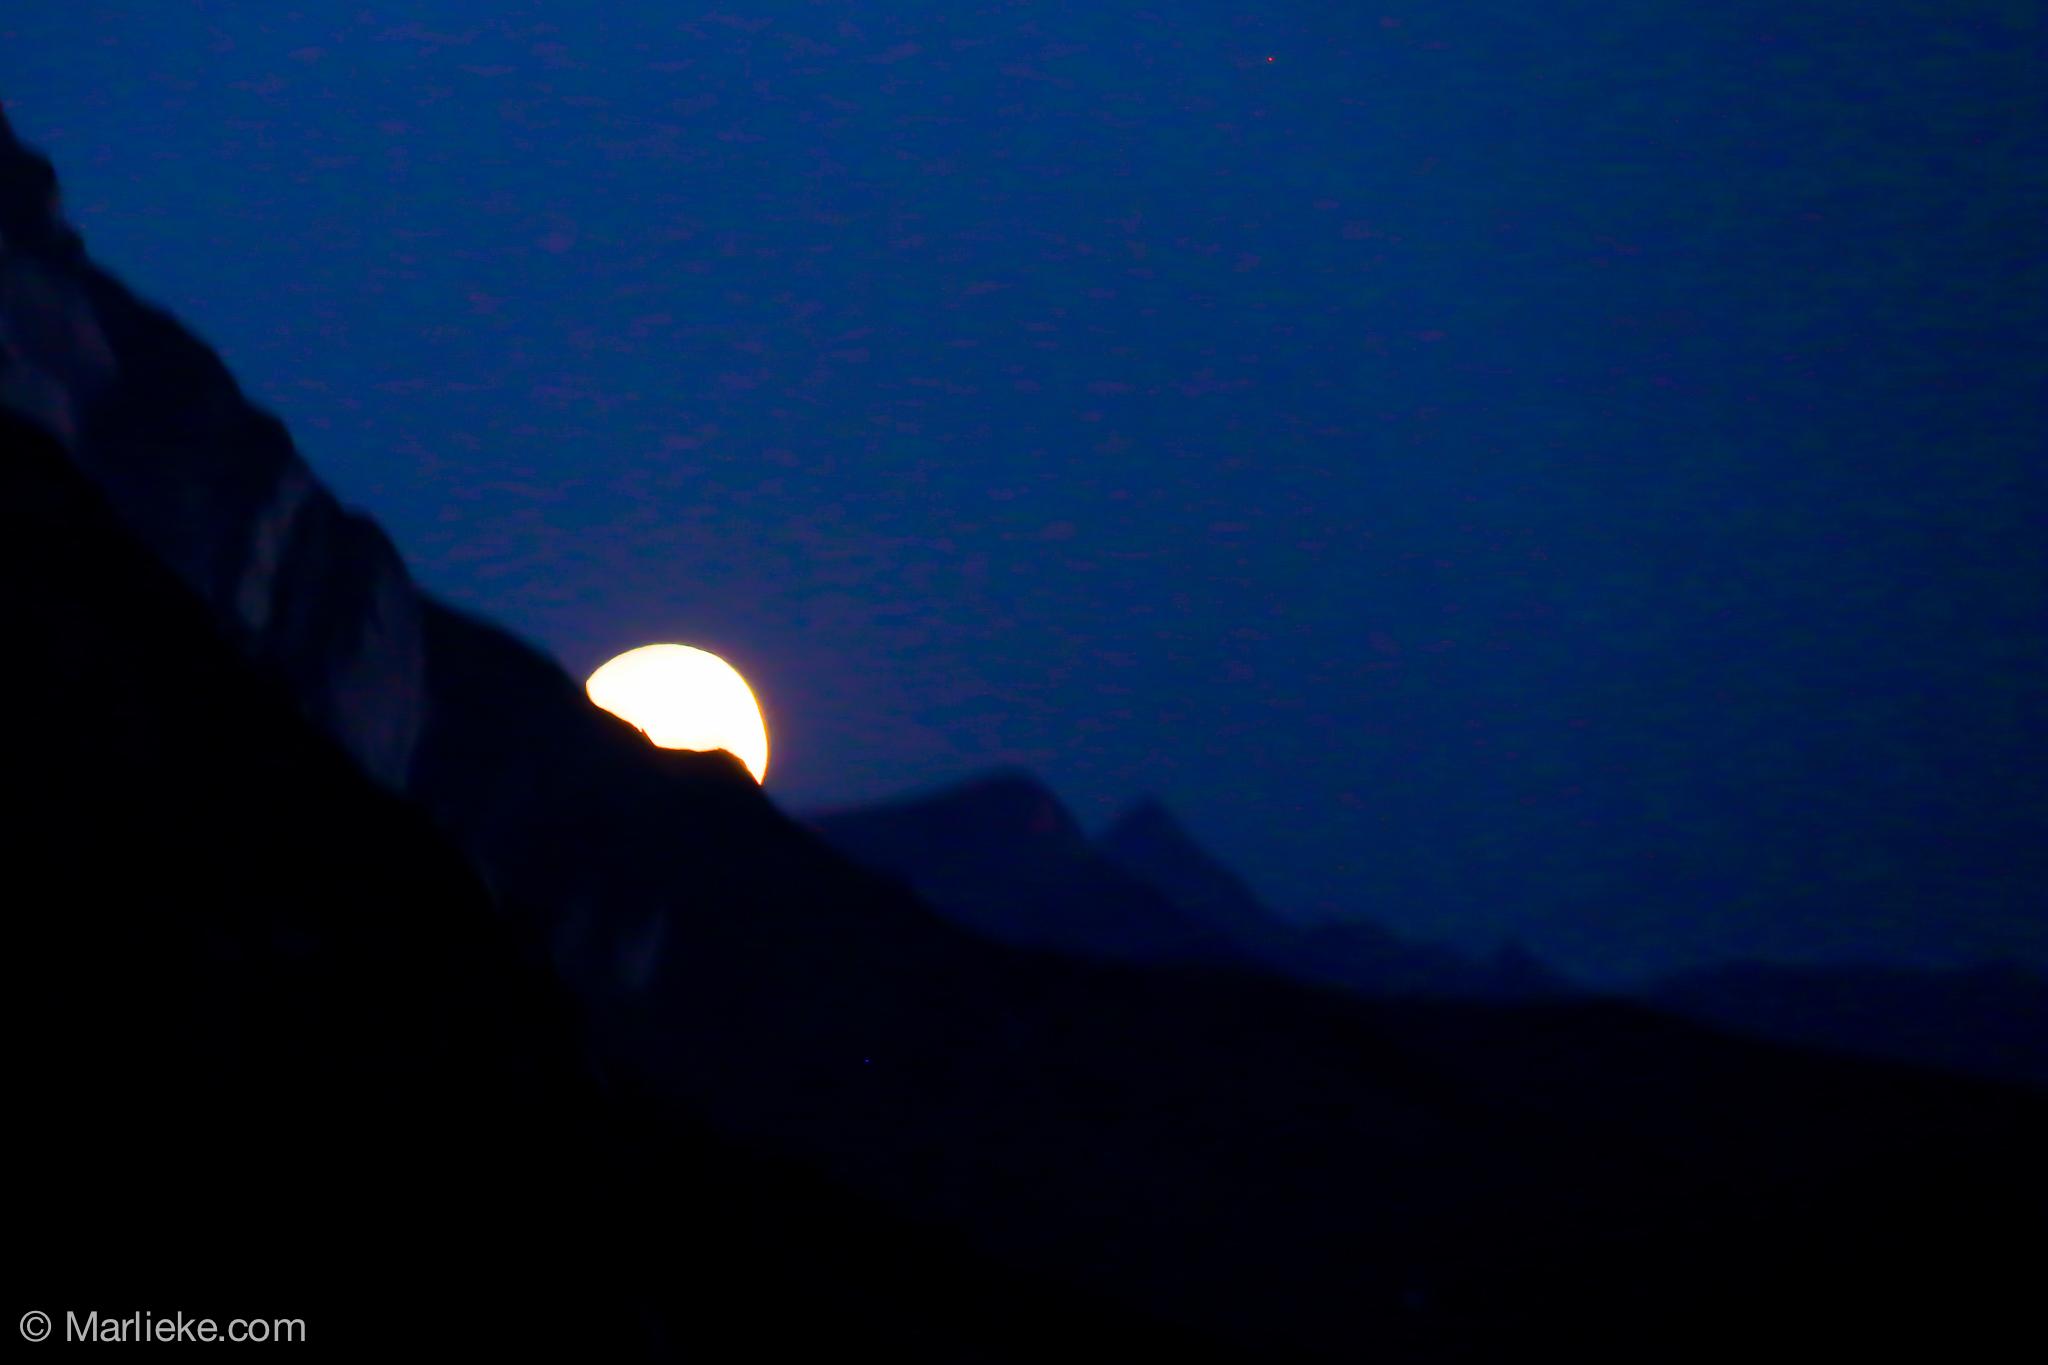 De maan scheen fel aan de hemel